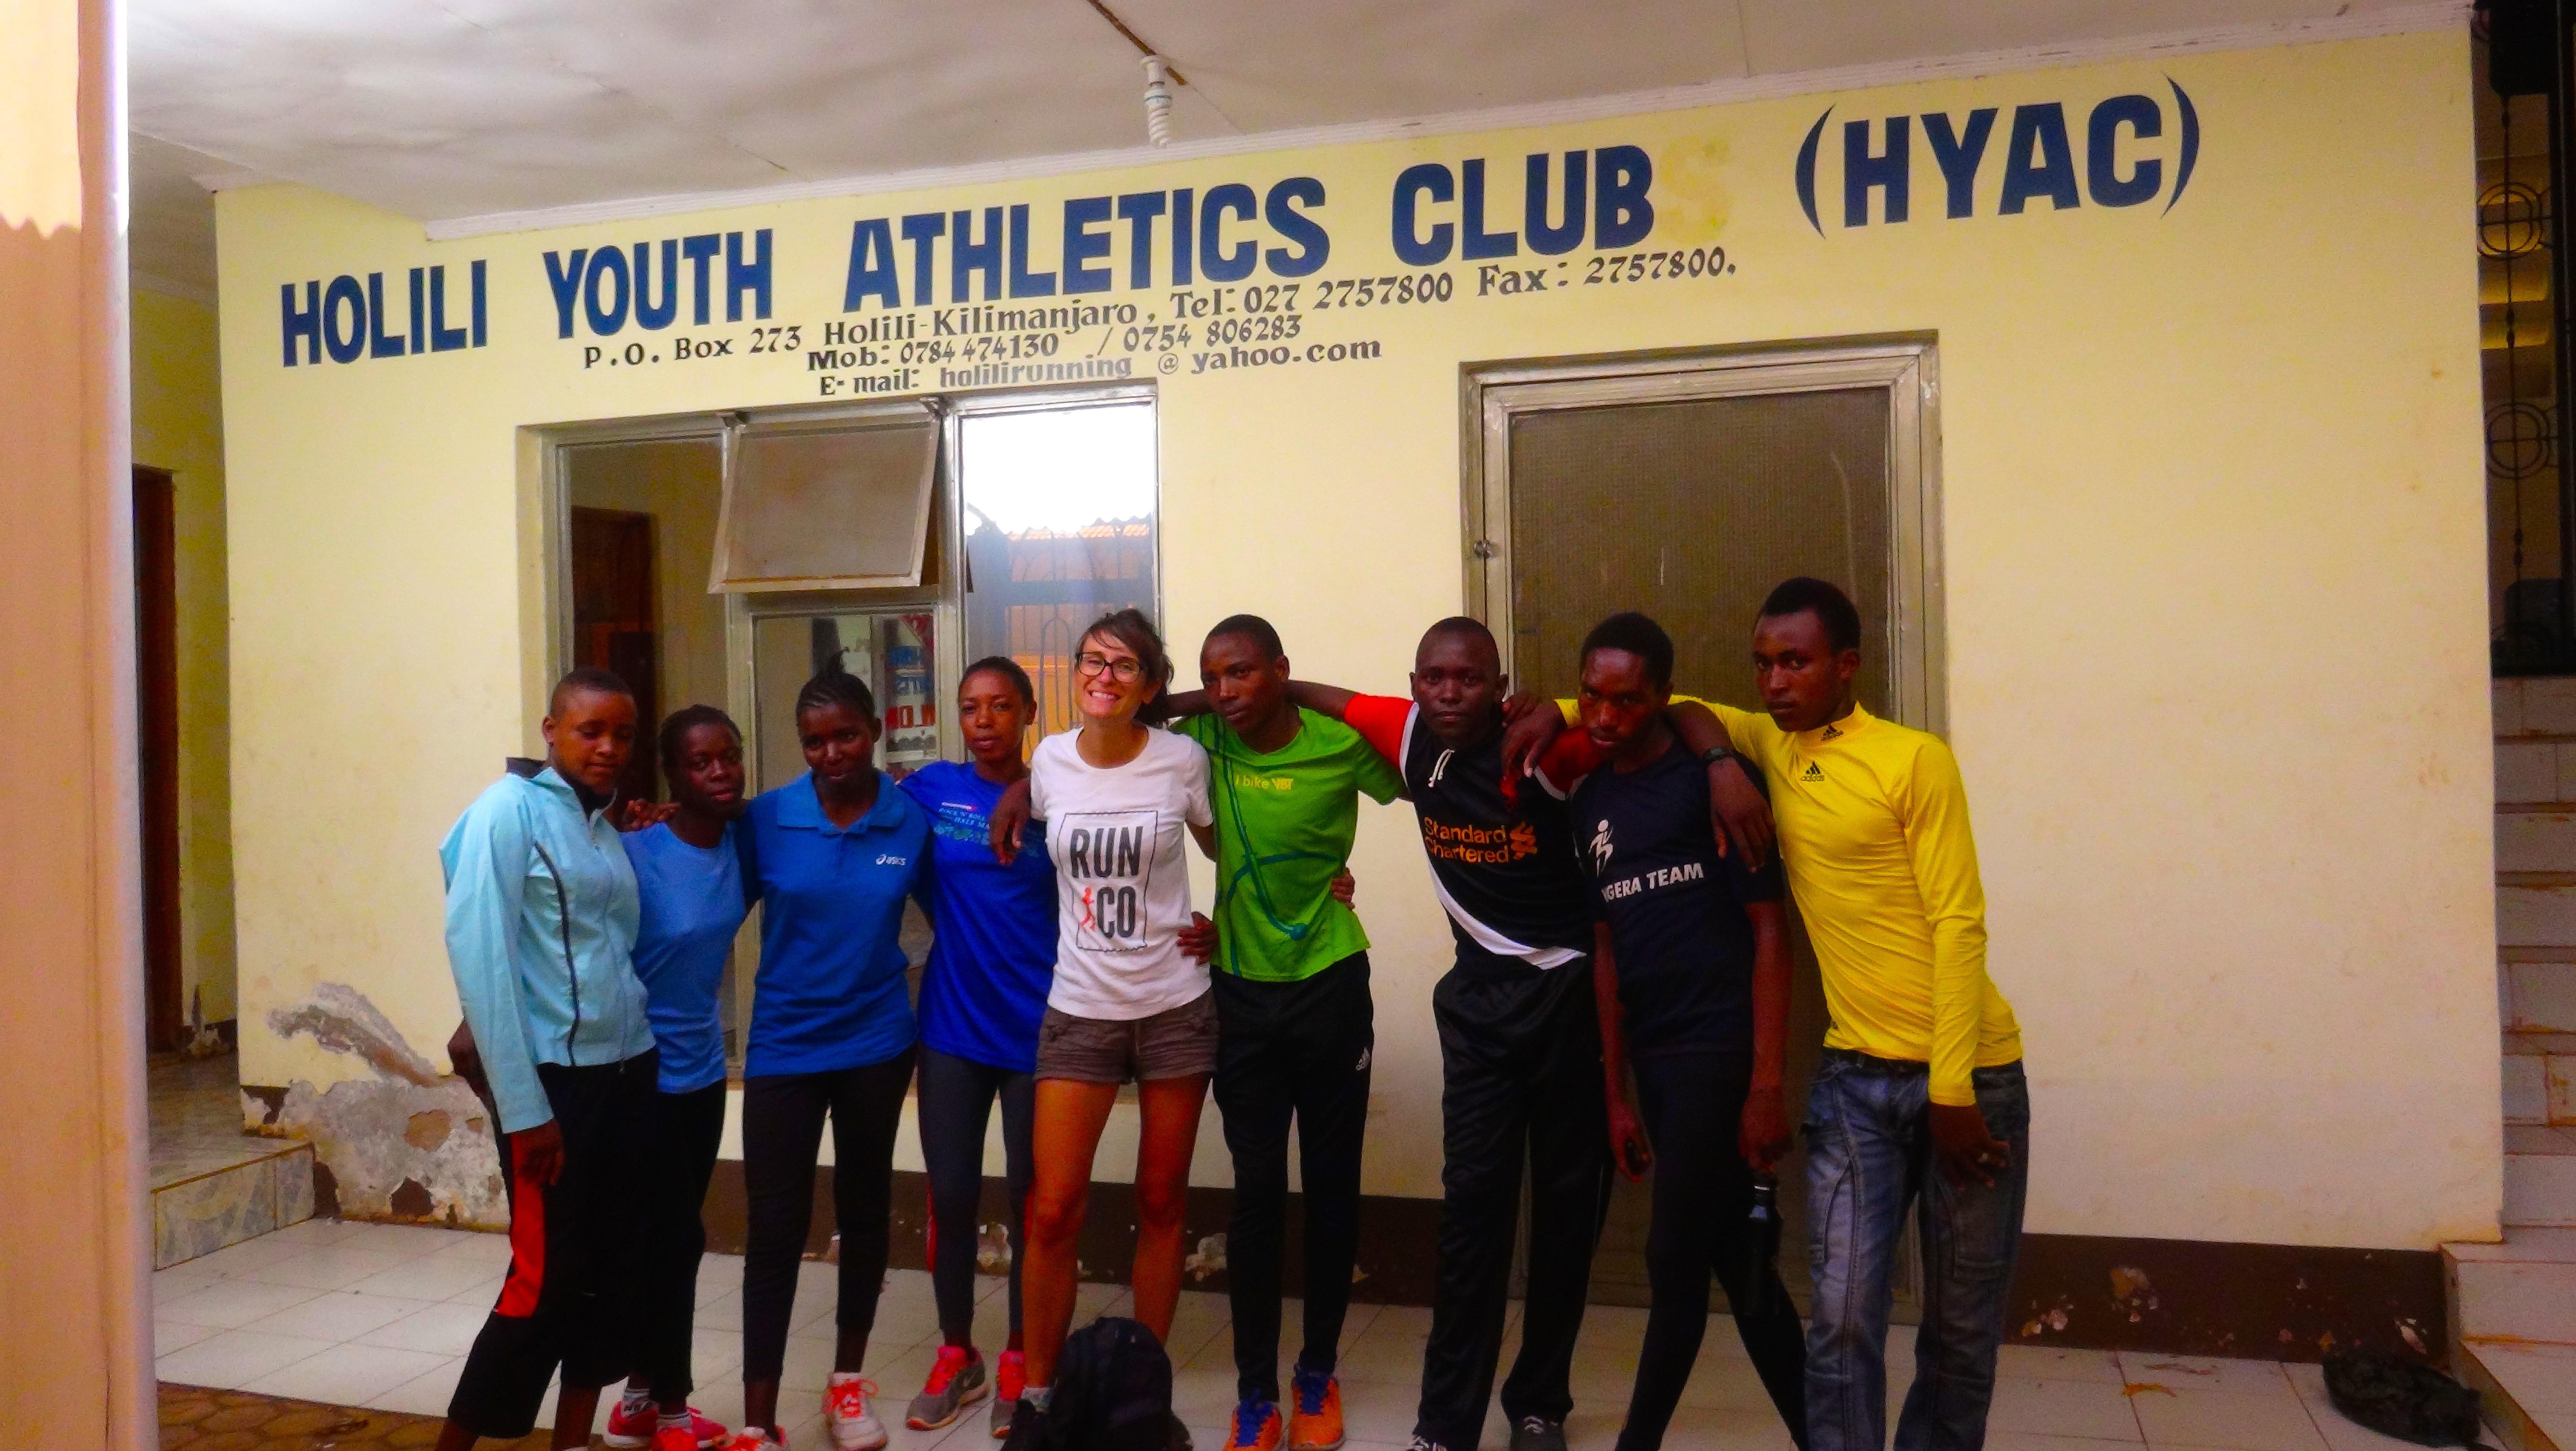 Holili Youth Athletic Club